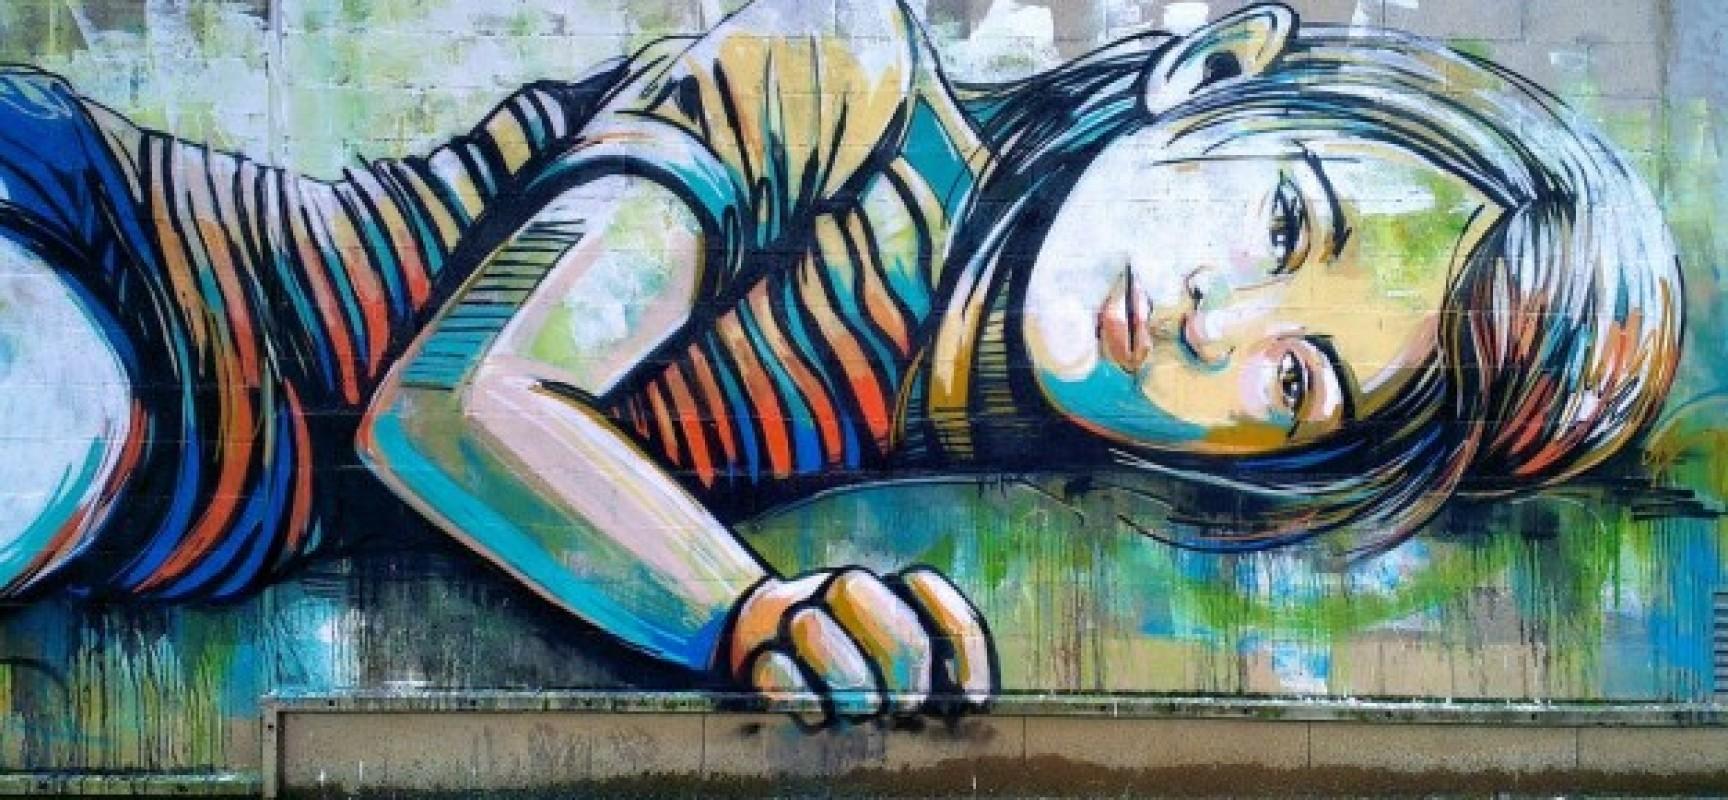 Murales contro la violenza sulle donne verde azzurro for Immagini di murales e graffiti